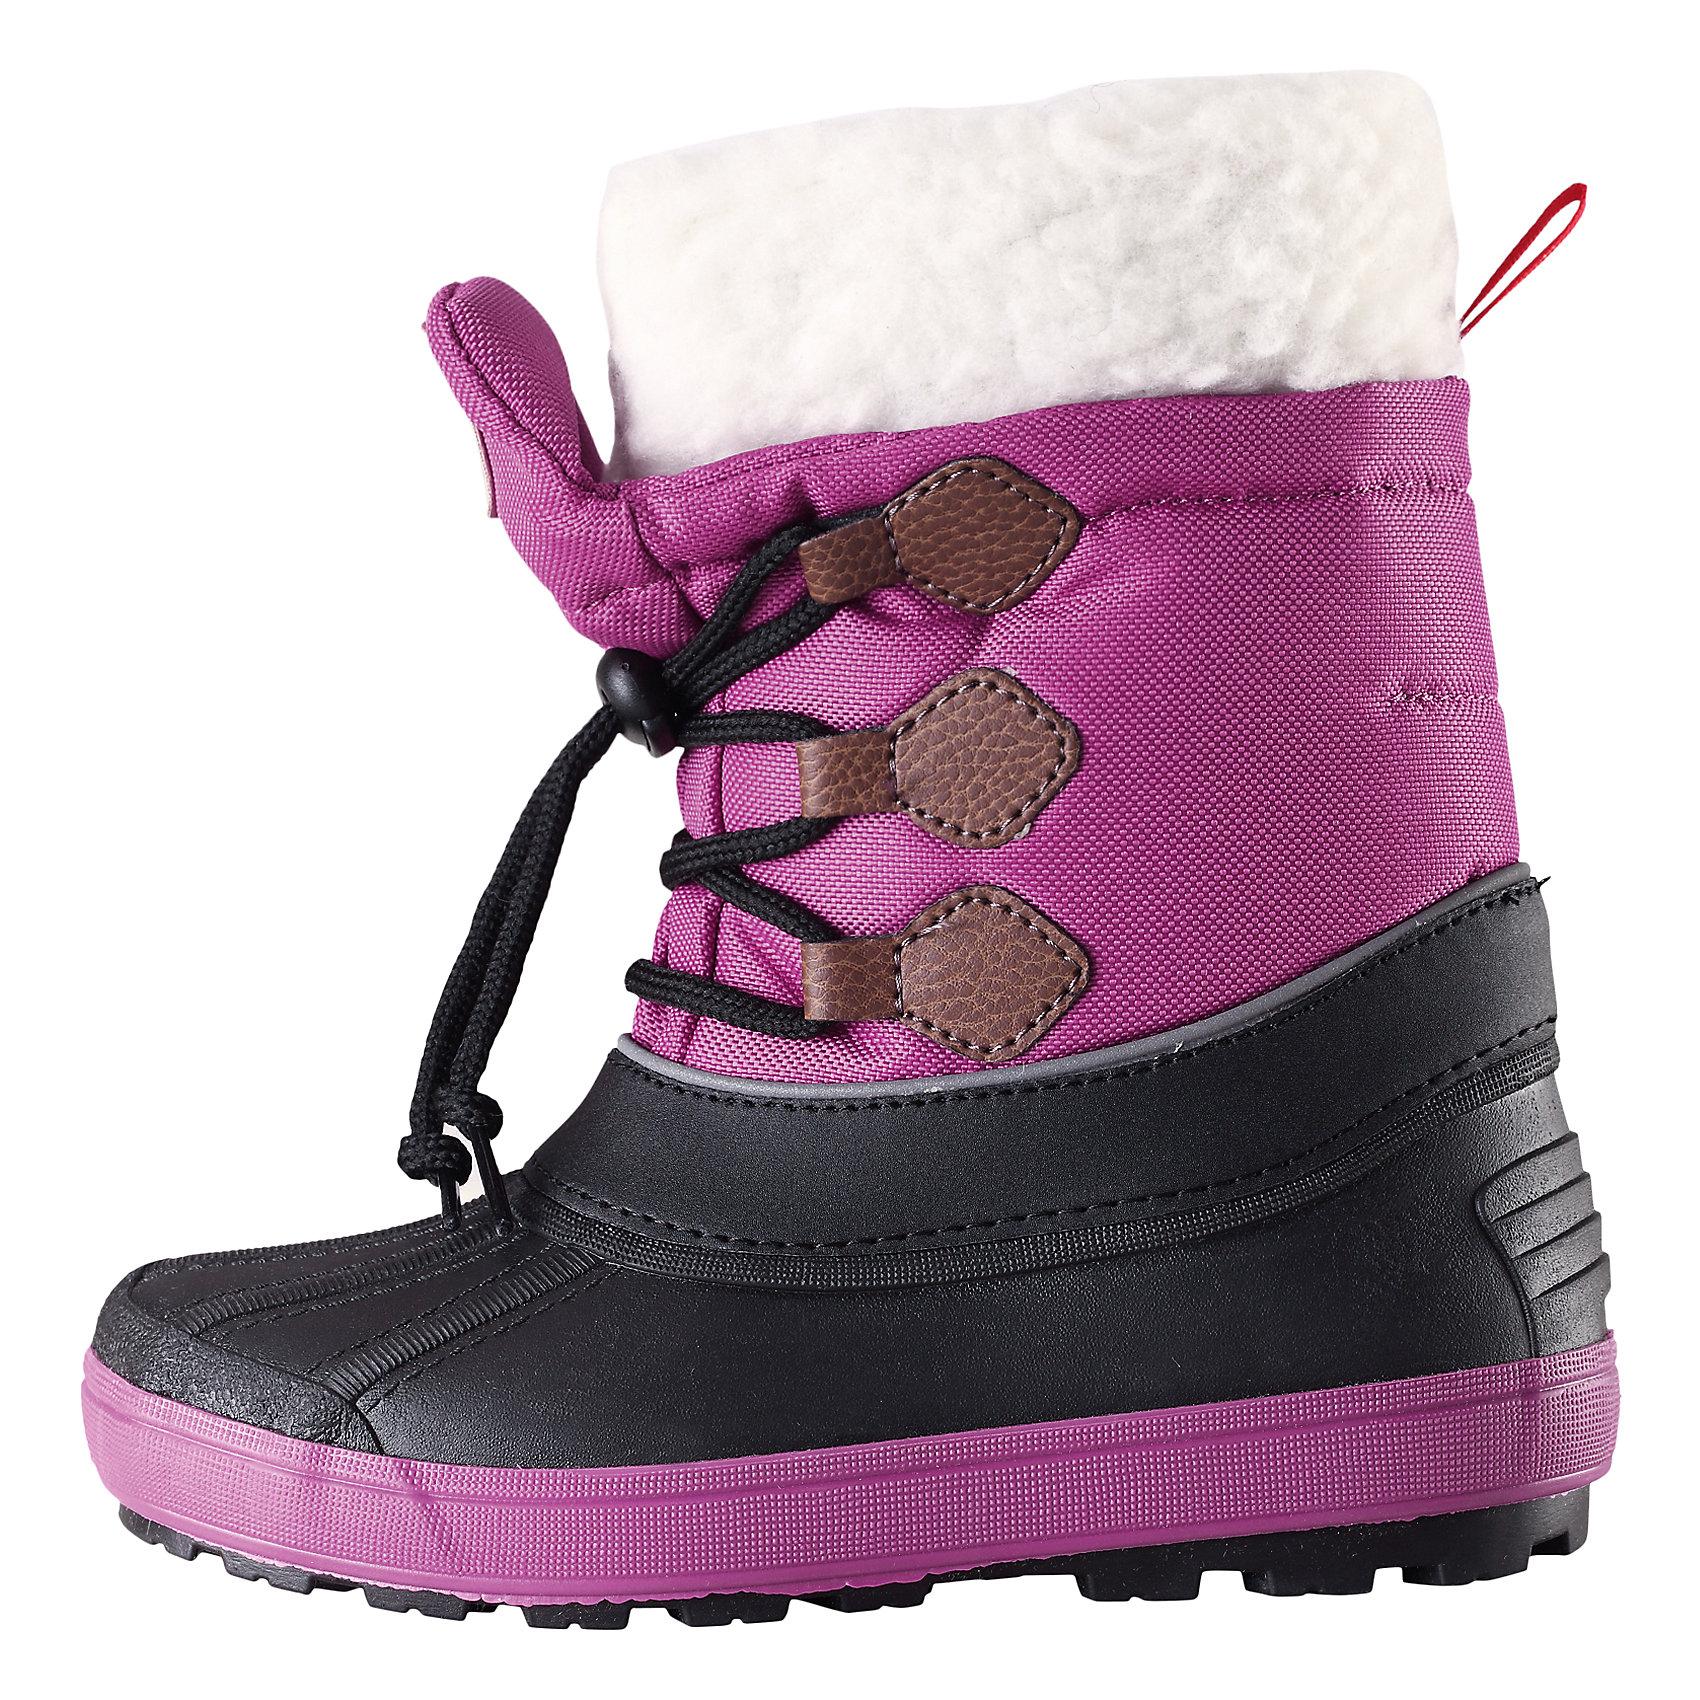 Сапоги Tirano для девочки Reimatec® ReimaОбувь<br>Зимние сапоги для девочки Reimatec® от финской марки Reima.<br>Зимние сапоги для детей. Водоотталкивающая зимняя обувь с водонепроницаемыми галошами. Верх из водостойкого текстиля/микрофибры. Подошва из термопластичного каучука обеспечивает хорошее сцепление с поверхностью. Подкладка из смеси шерсти. Съемный носок. Сделано в Италии. Легкие и водонепроницаемые литые галоши. Алюминиевая стелька для улучшенной теплоизоляции. Светоотражающие детали. Без ПХВ.<br>Уход:<br>Храните обувь в вертикальном положении при комнатной температуре. Сушить обувь всегда следует при комнатной температуре: вынув съемные стельки. Стельки следует время от времени заменять на новые. Налипшую грязь можно счищать щеткой или влажной тряпкой. Перед использованием обувь рекомендуется обрабатывать специальными защитными средствами.<br>Состав:<br>Подошва: EVA, резина, верх: 90% ПЭ, 10% ПУ<br><br>Ширина мм: 262<br>Глубина мм: 176<br>Высота мм: 97<br>Вес г: 427<br>Цвет: фиолетовый<br>Возраст от месяцев: 72<br>Возраст до месяцев: 84<br>Пол: Женский<br>Возраст: Детский<br>Размер: 22,36,30,38,34,32,20,28,24,26<br>SKU: 4776976